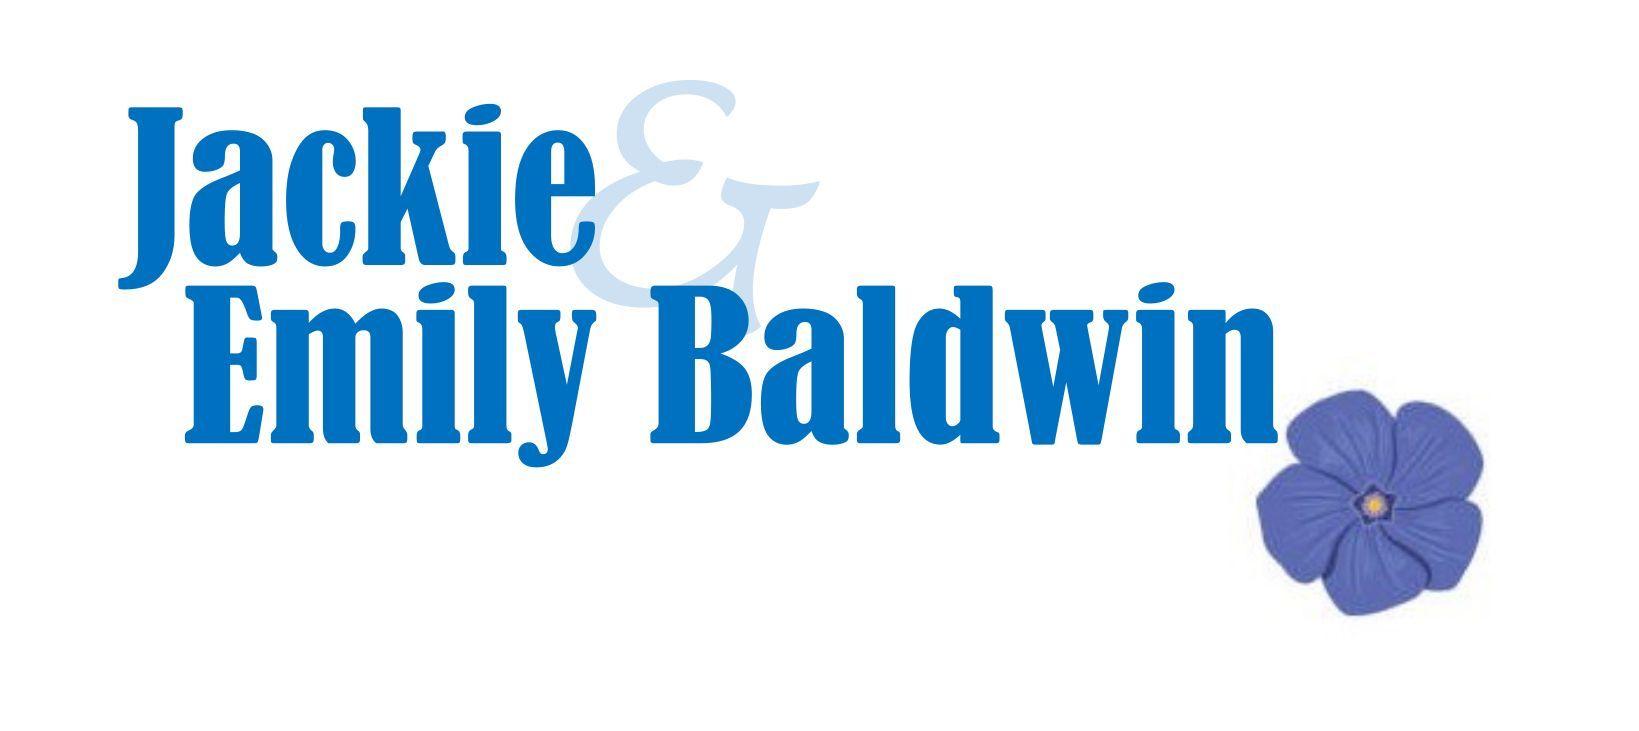 Jackie and Emily Baldwin